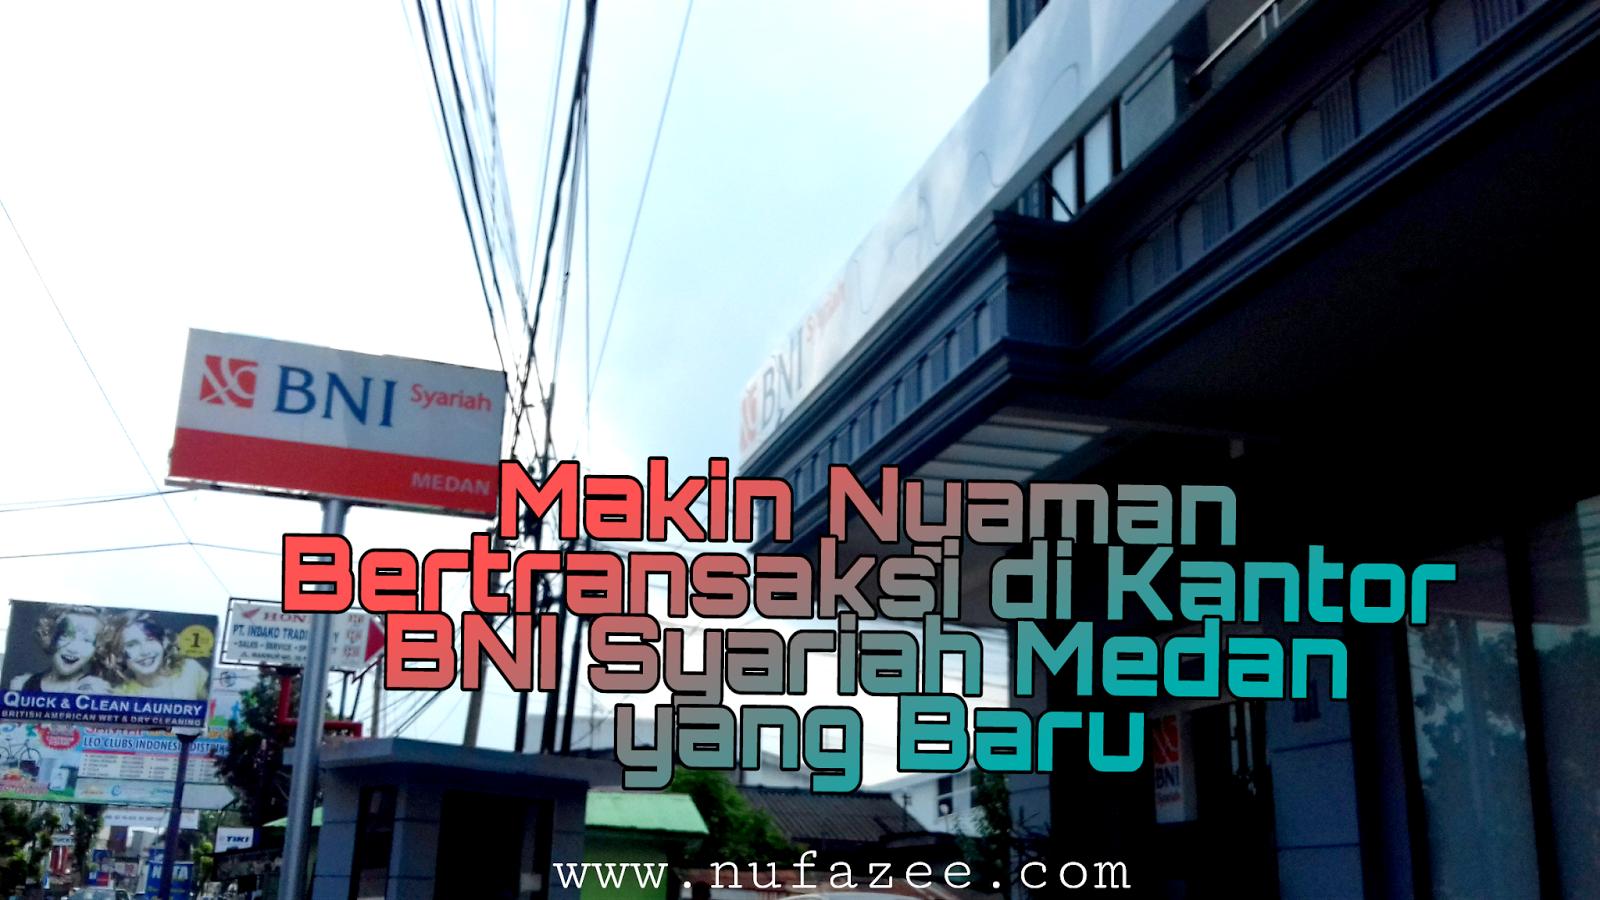 Makin Nyaman Transaksi Di Kantor Bni Syariah Medan Yang Baru Nufazee Parenting Blogger Medan